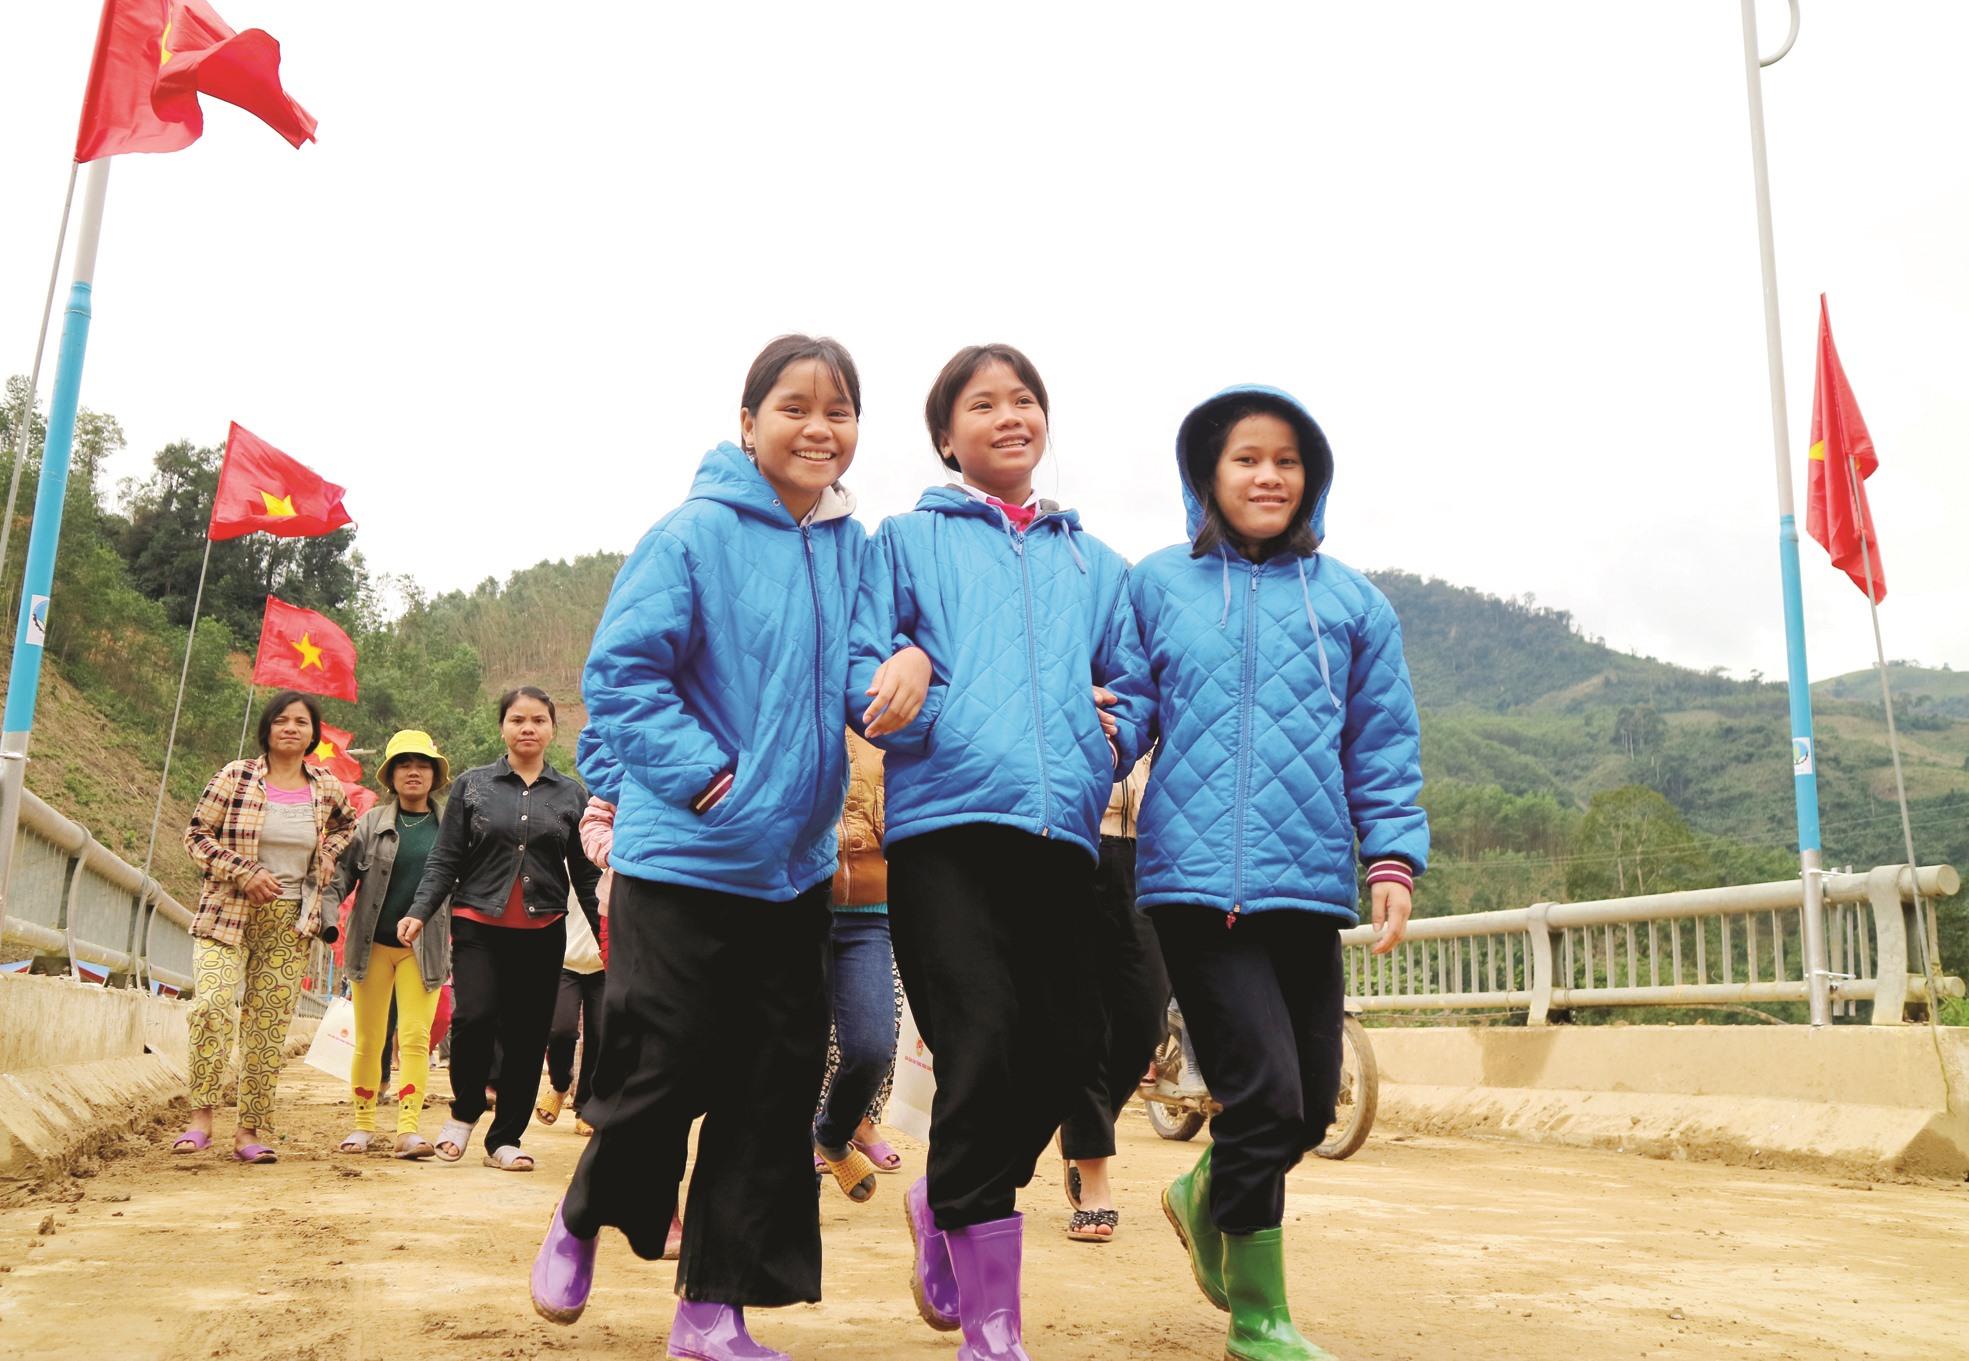 """Người dân và học sinh ở Trà Leng trở về sau buổi """"thị sát"""" công trình tái định cư cho chính mình. Nụ cười đã trở lại trên từng gương mặt, ai cũng háo hức chờ đến ngày được ở căn nhà mới."""